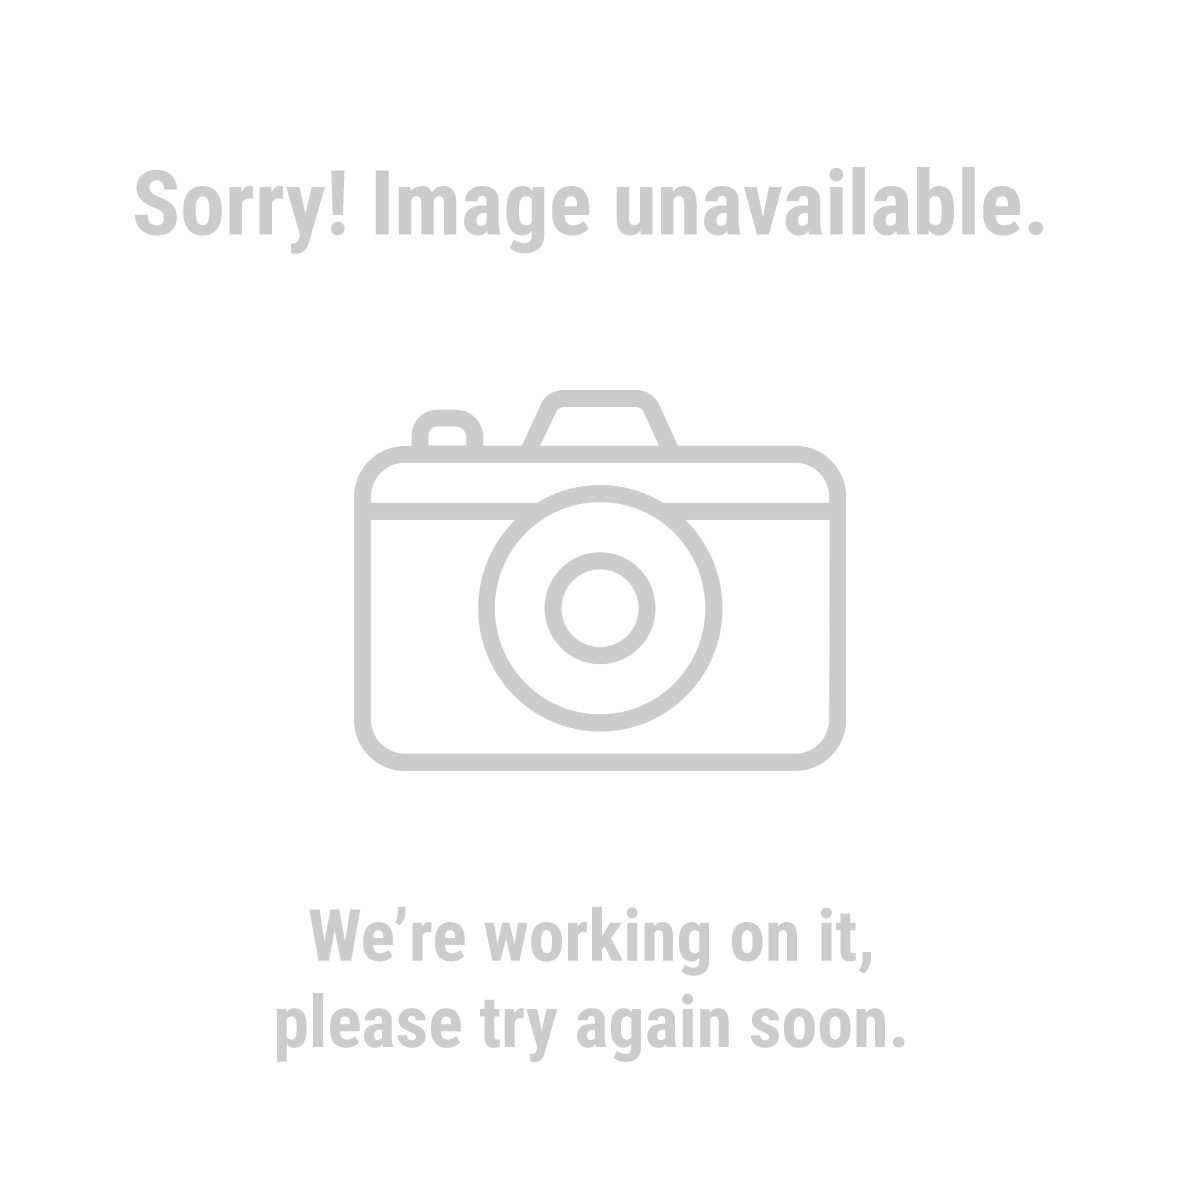 Commander Stick Welder 225a Ac 150a Dc 230 Volt Input Lincoln 225 Plug Wiring